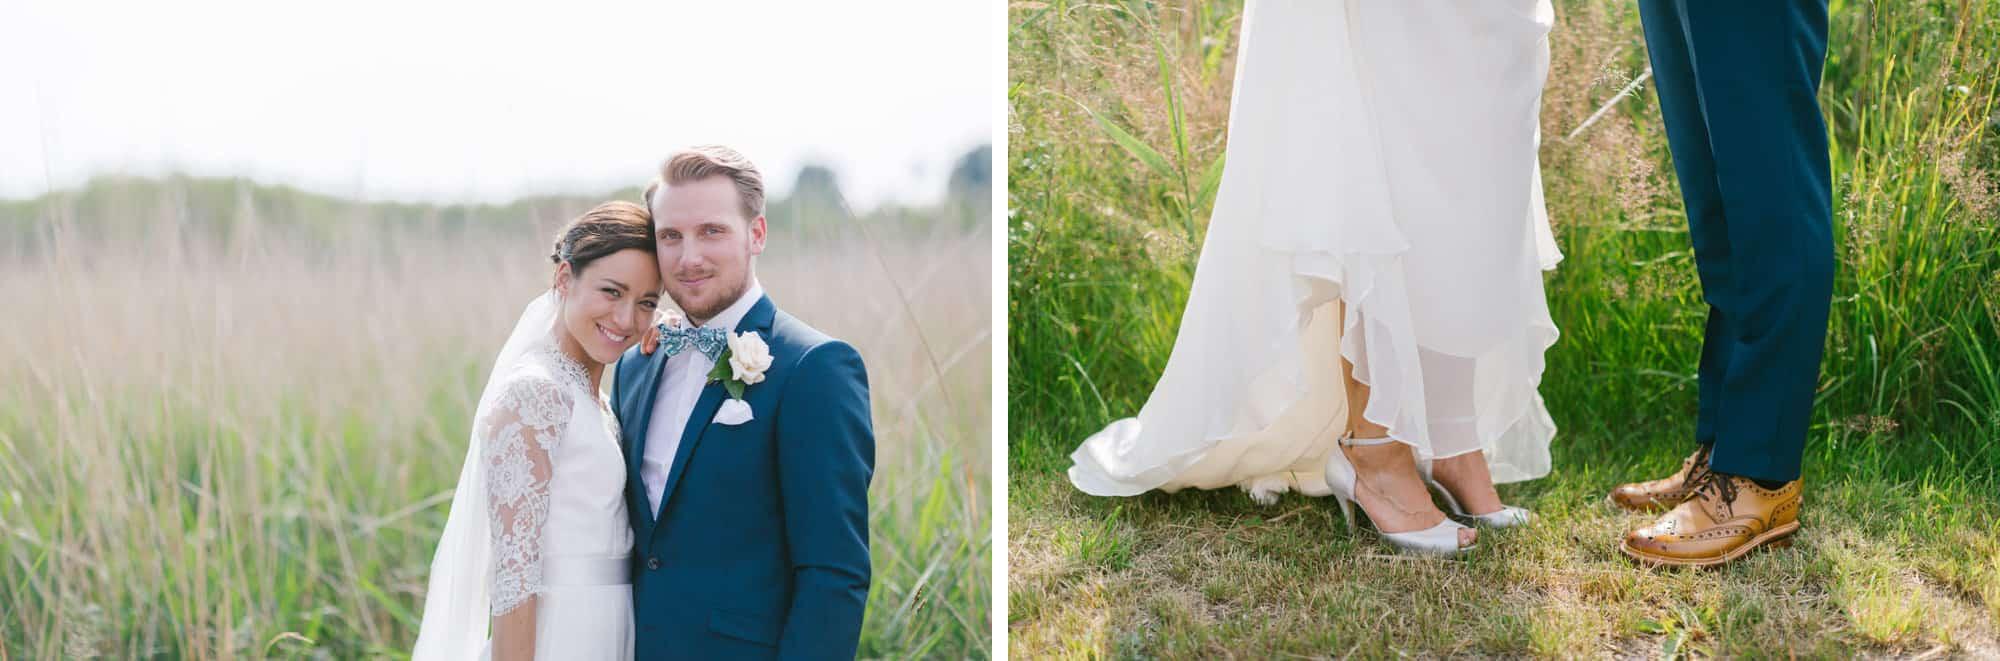 Bröllop, Långedrag värdshus, Hovås kyrka, bröllopsfoto, Göteborg, Mölndal, Sweden, Oskar Allerby, bröllopsfotograf, brud, brudgum, allerby_photo